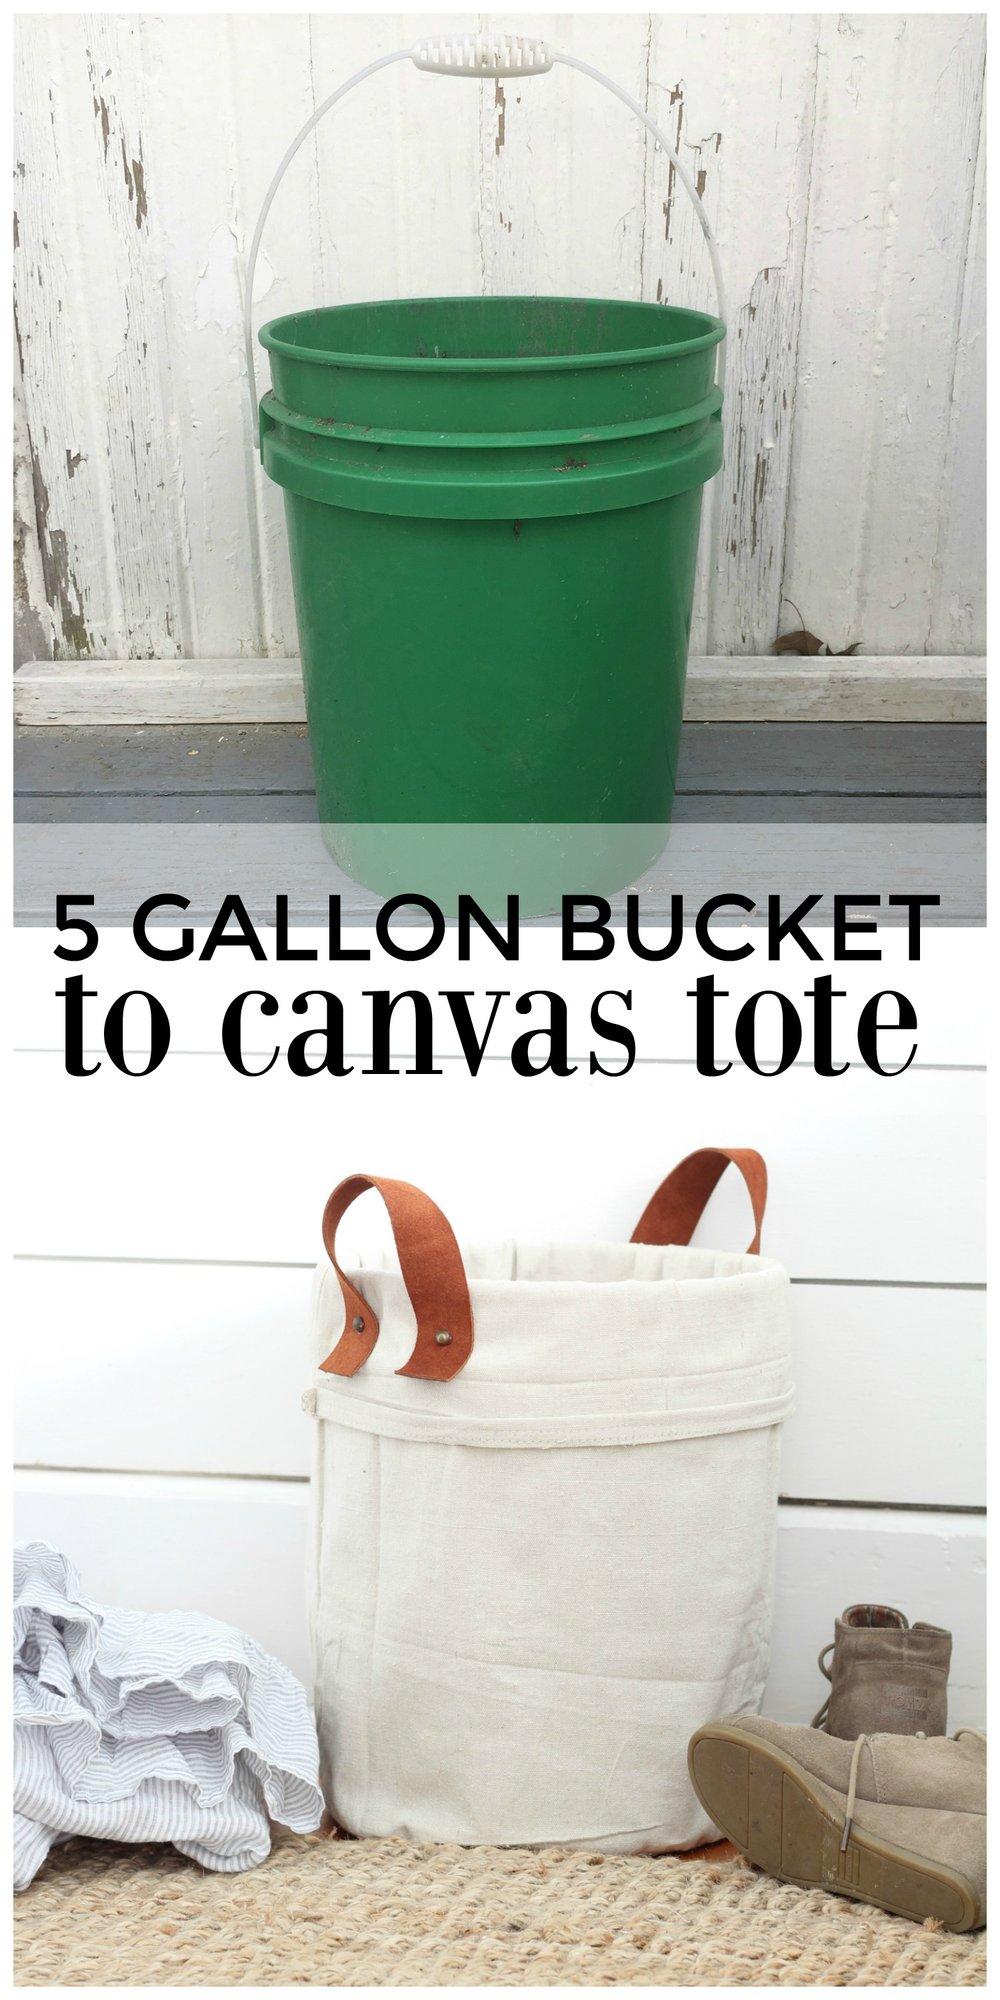 DIY 5 gallon bucket to canvas tote